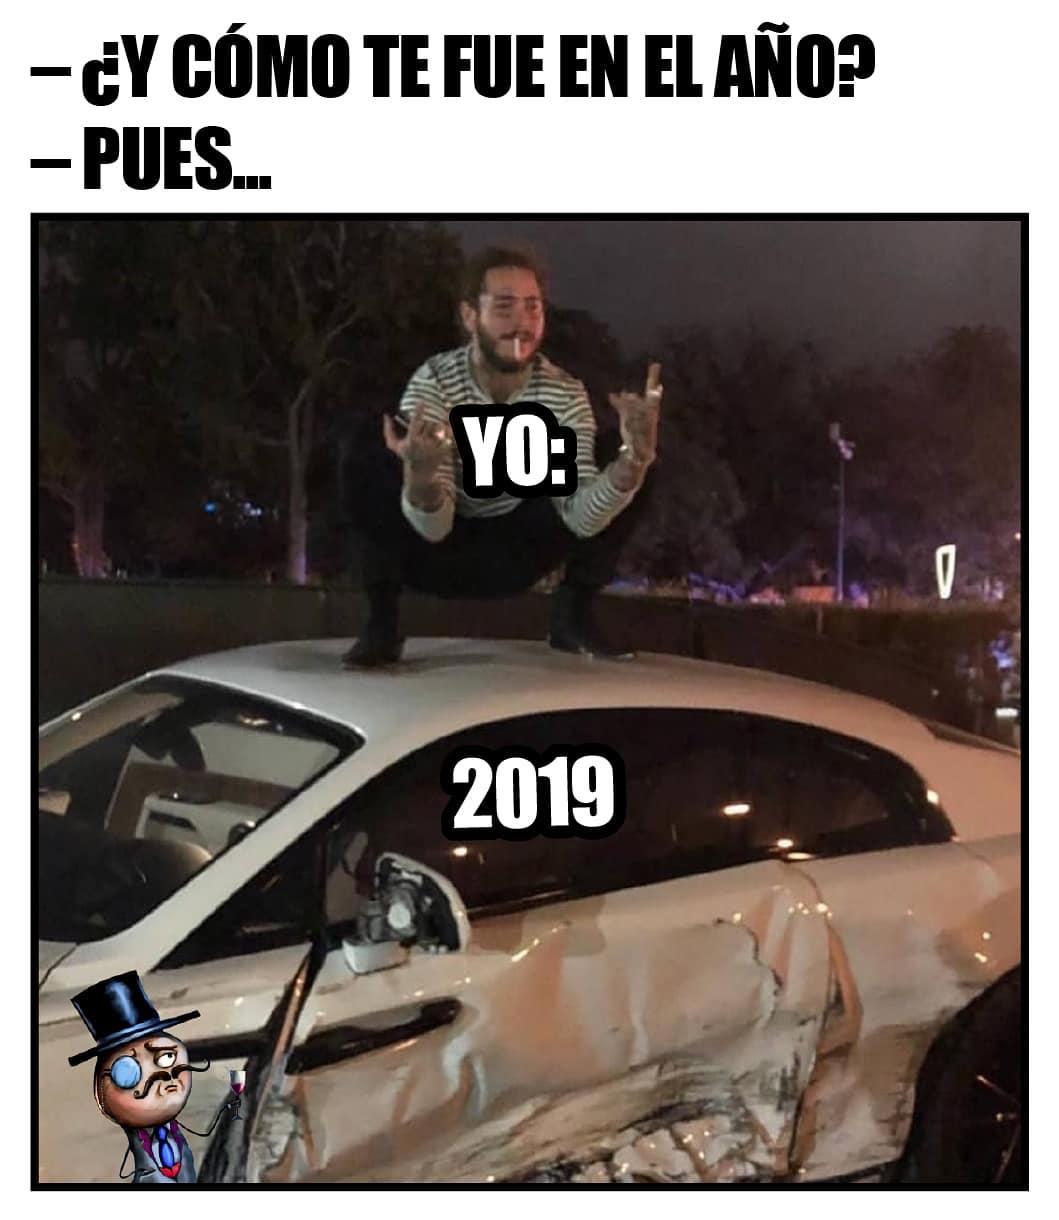 ¿Y cómo te fue en el año?  Pues...  Yo: 2019.